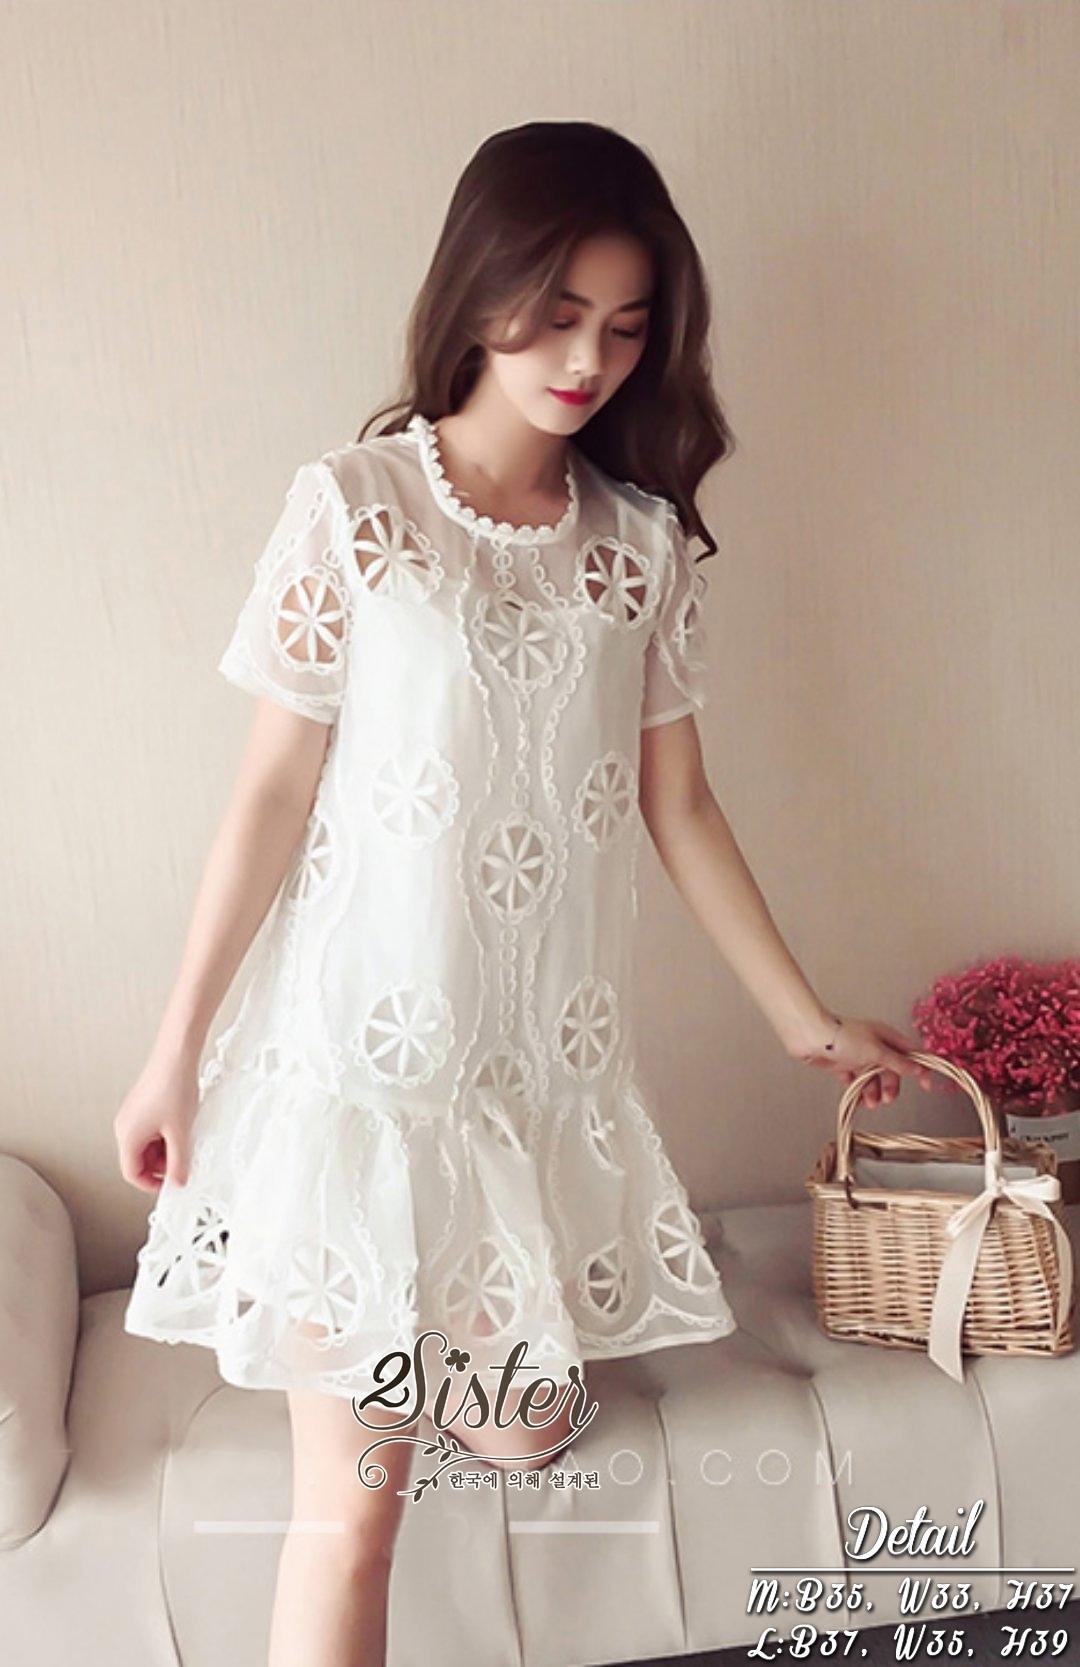 เดรสเกาหลี พร้อมส่ง มินิเดรส สีขาวลุคสวยน่ารัก